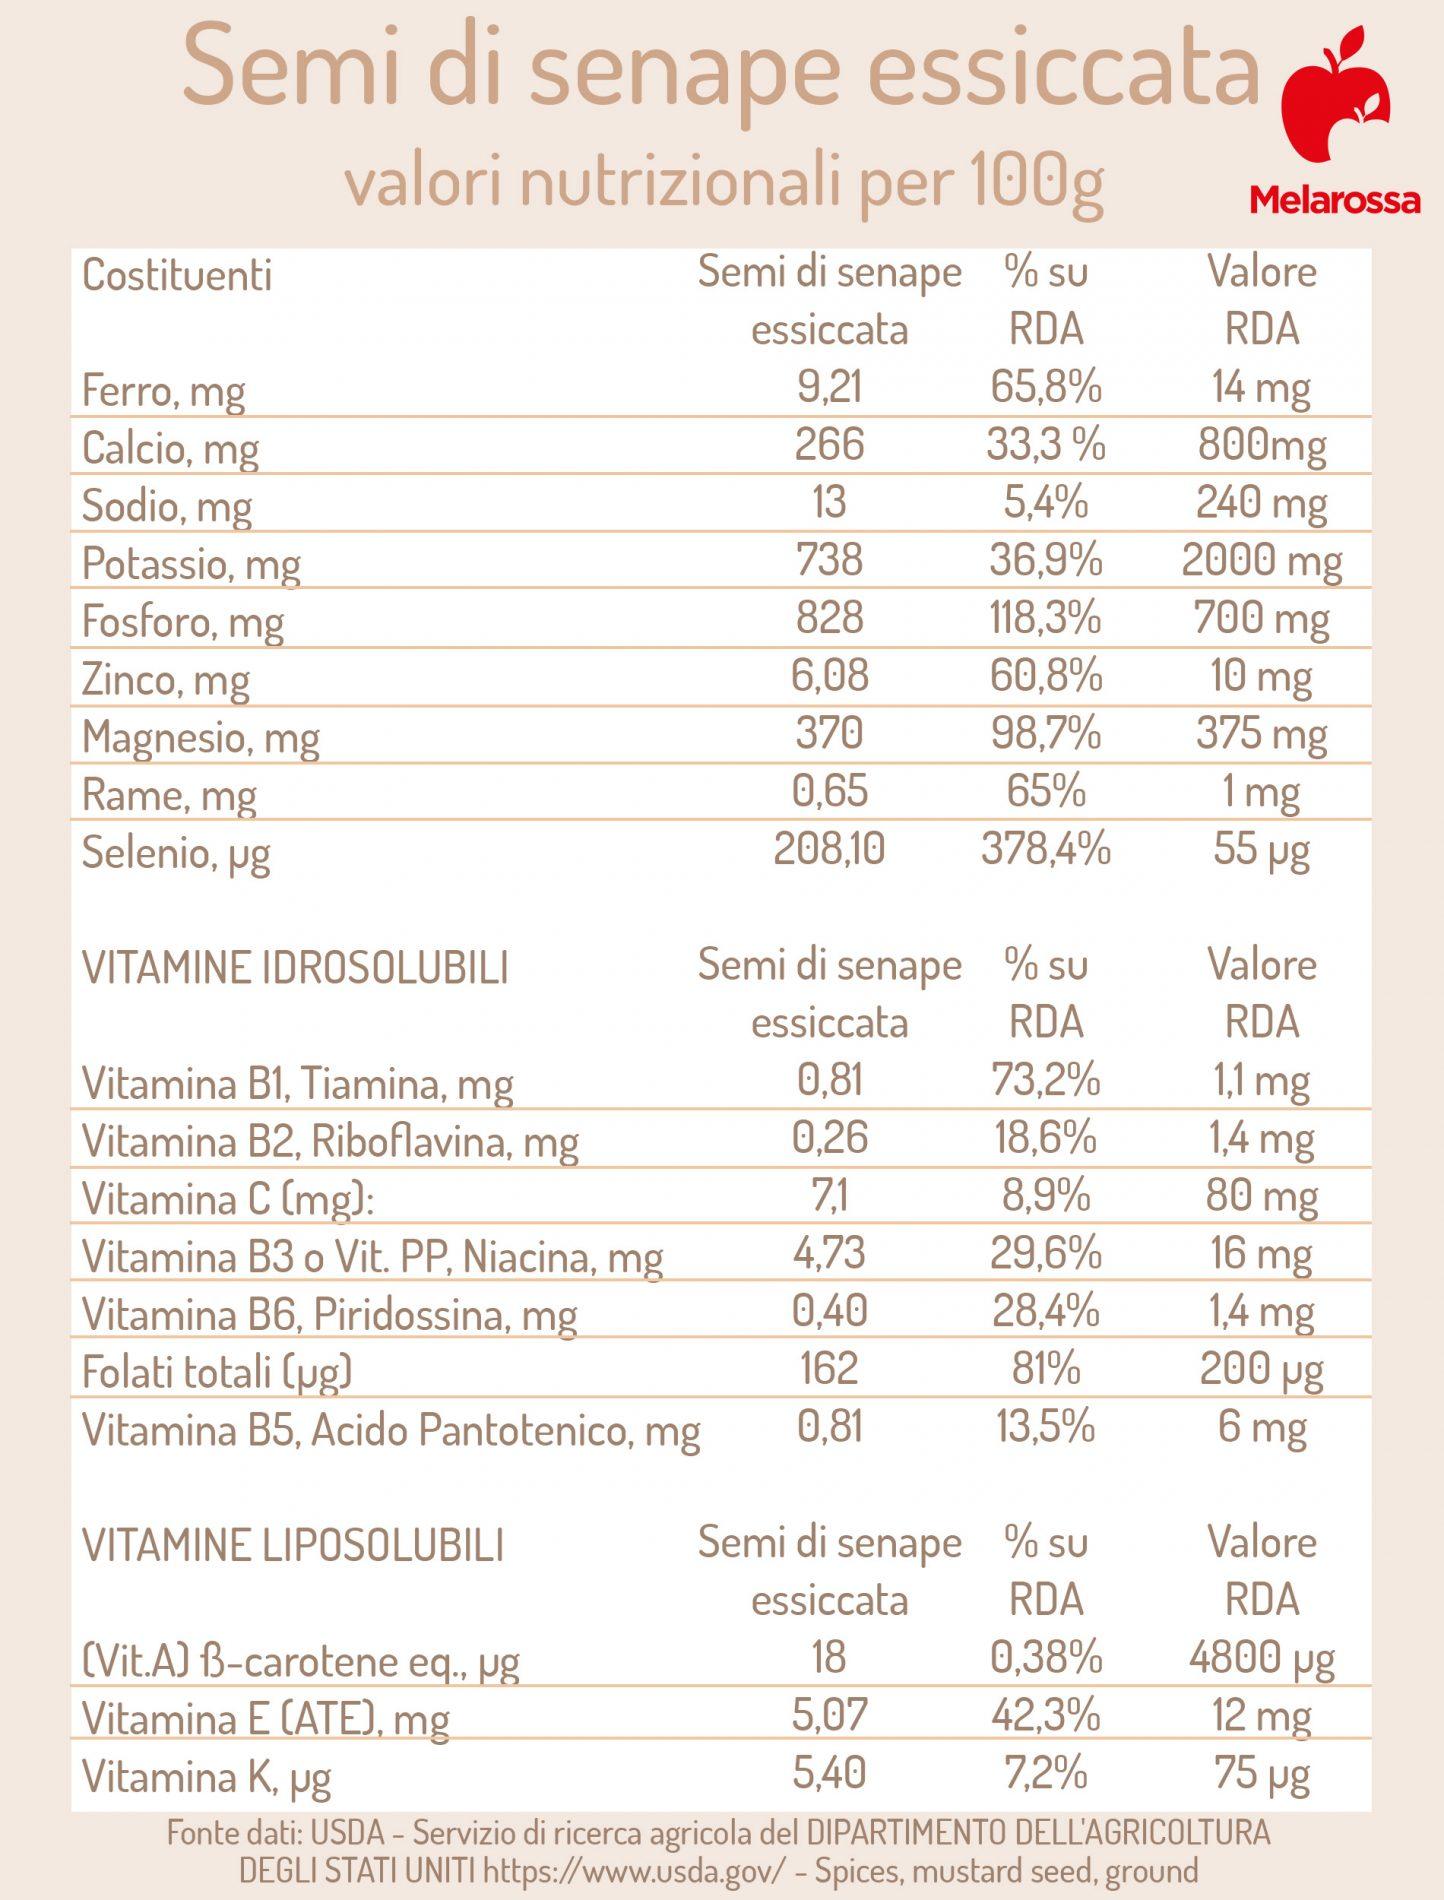 semi di senape: valori nutrizionali